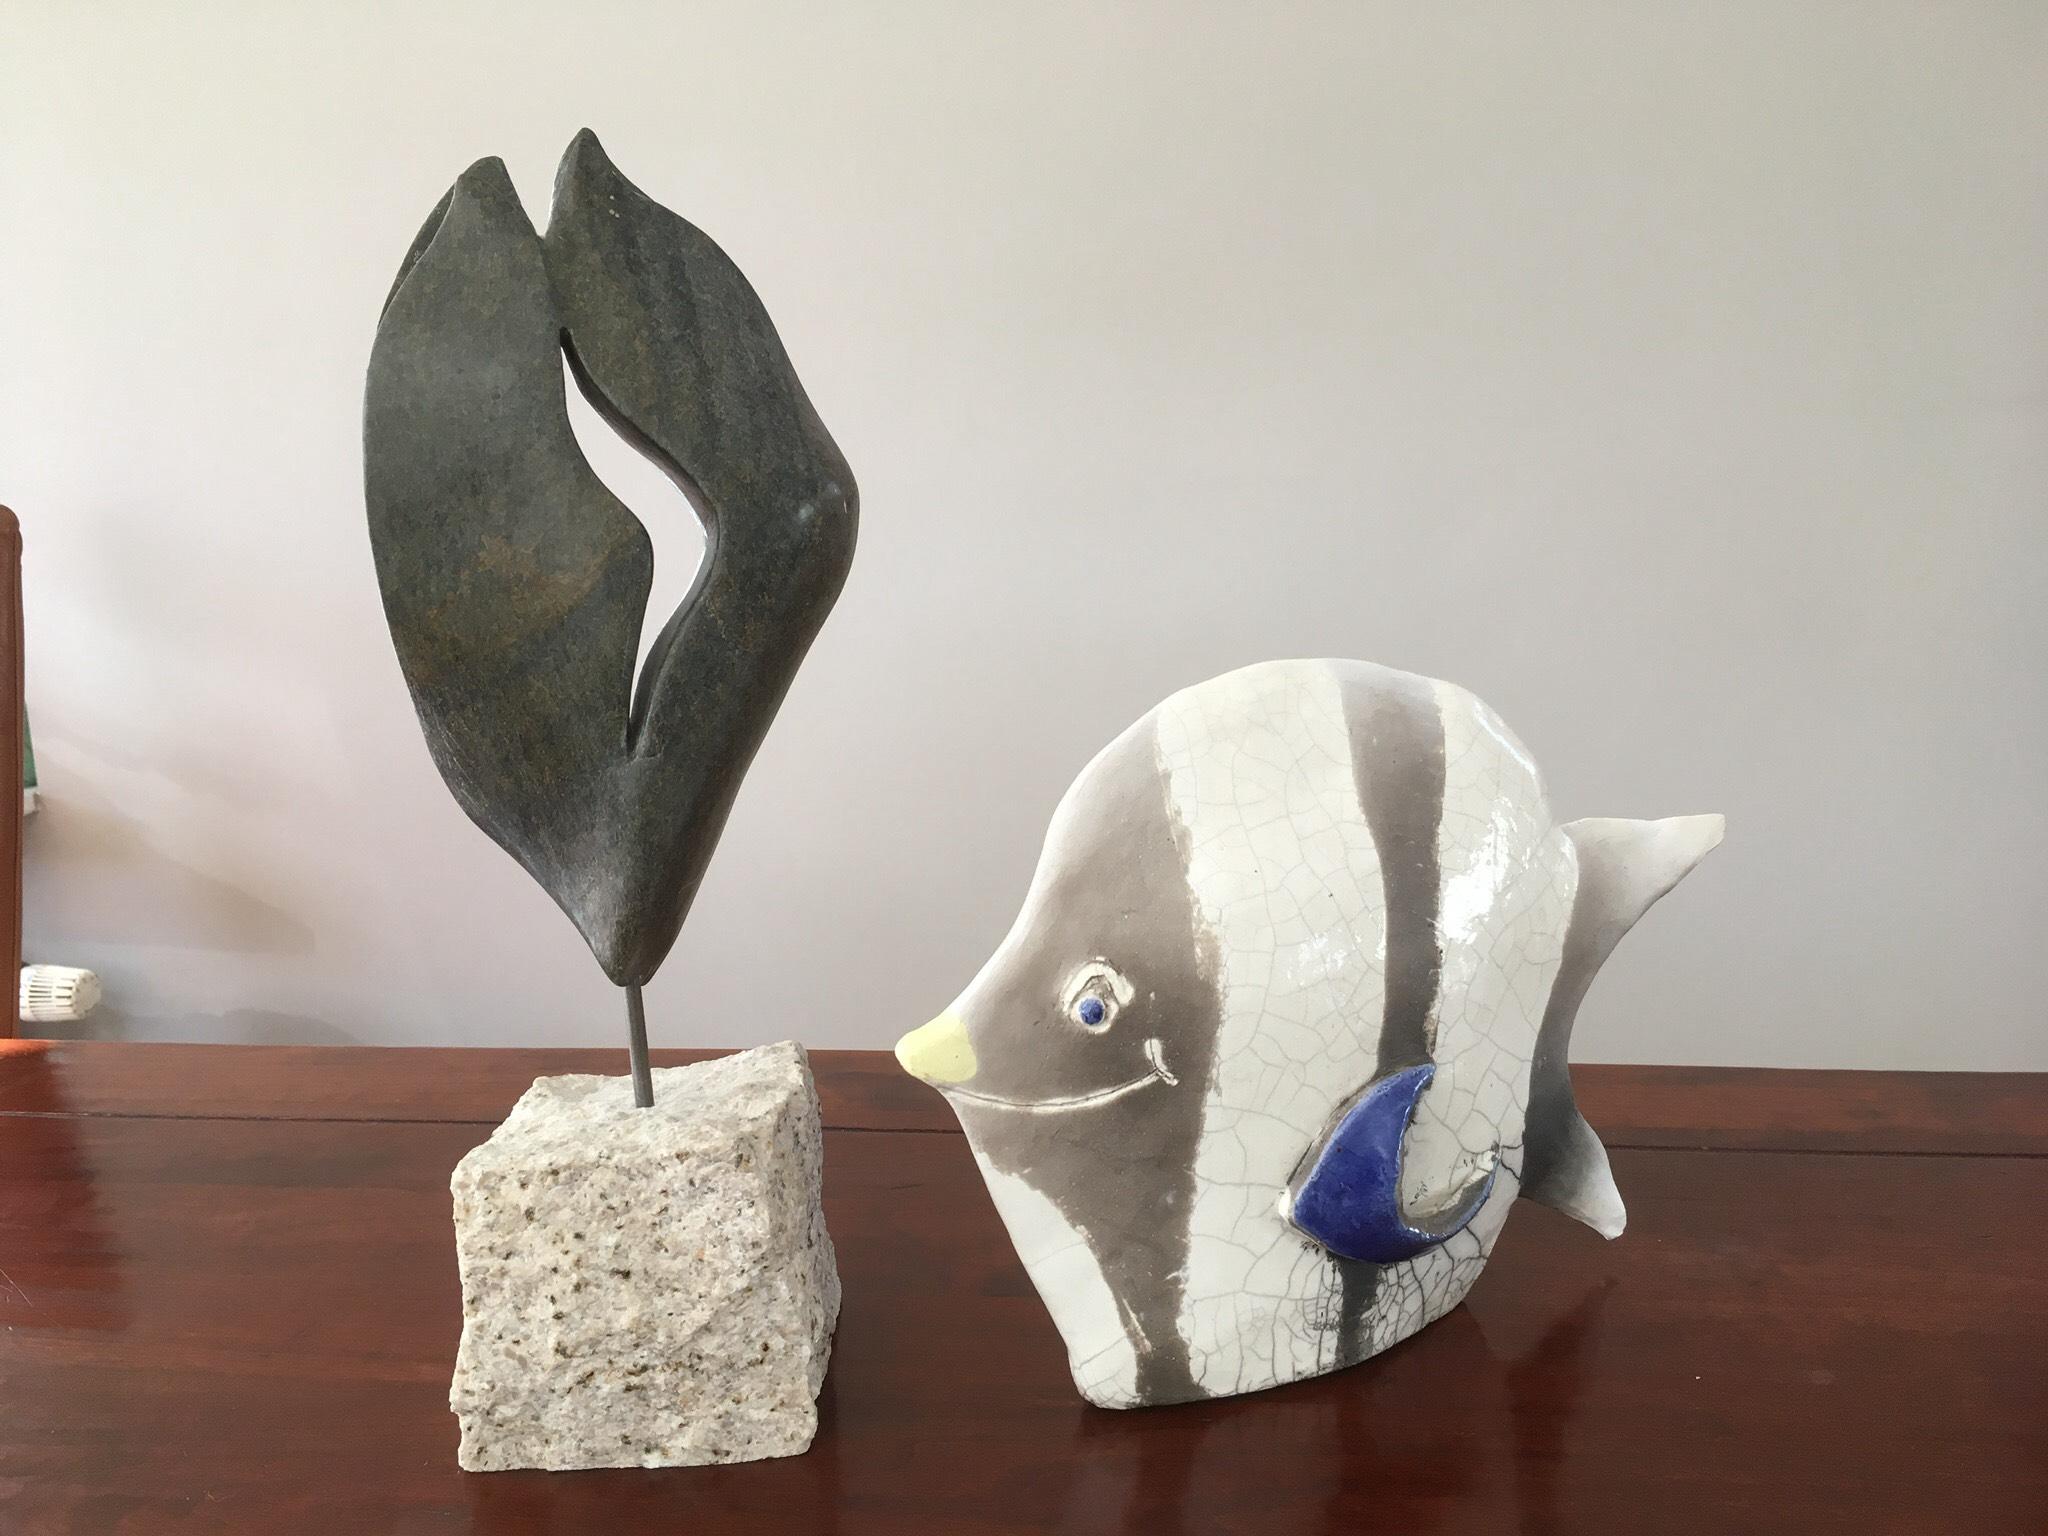 maak kennis met de cursus boetseren en beeldhouwen